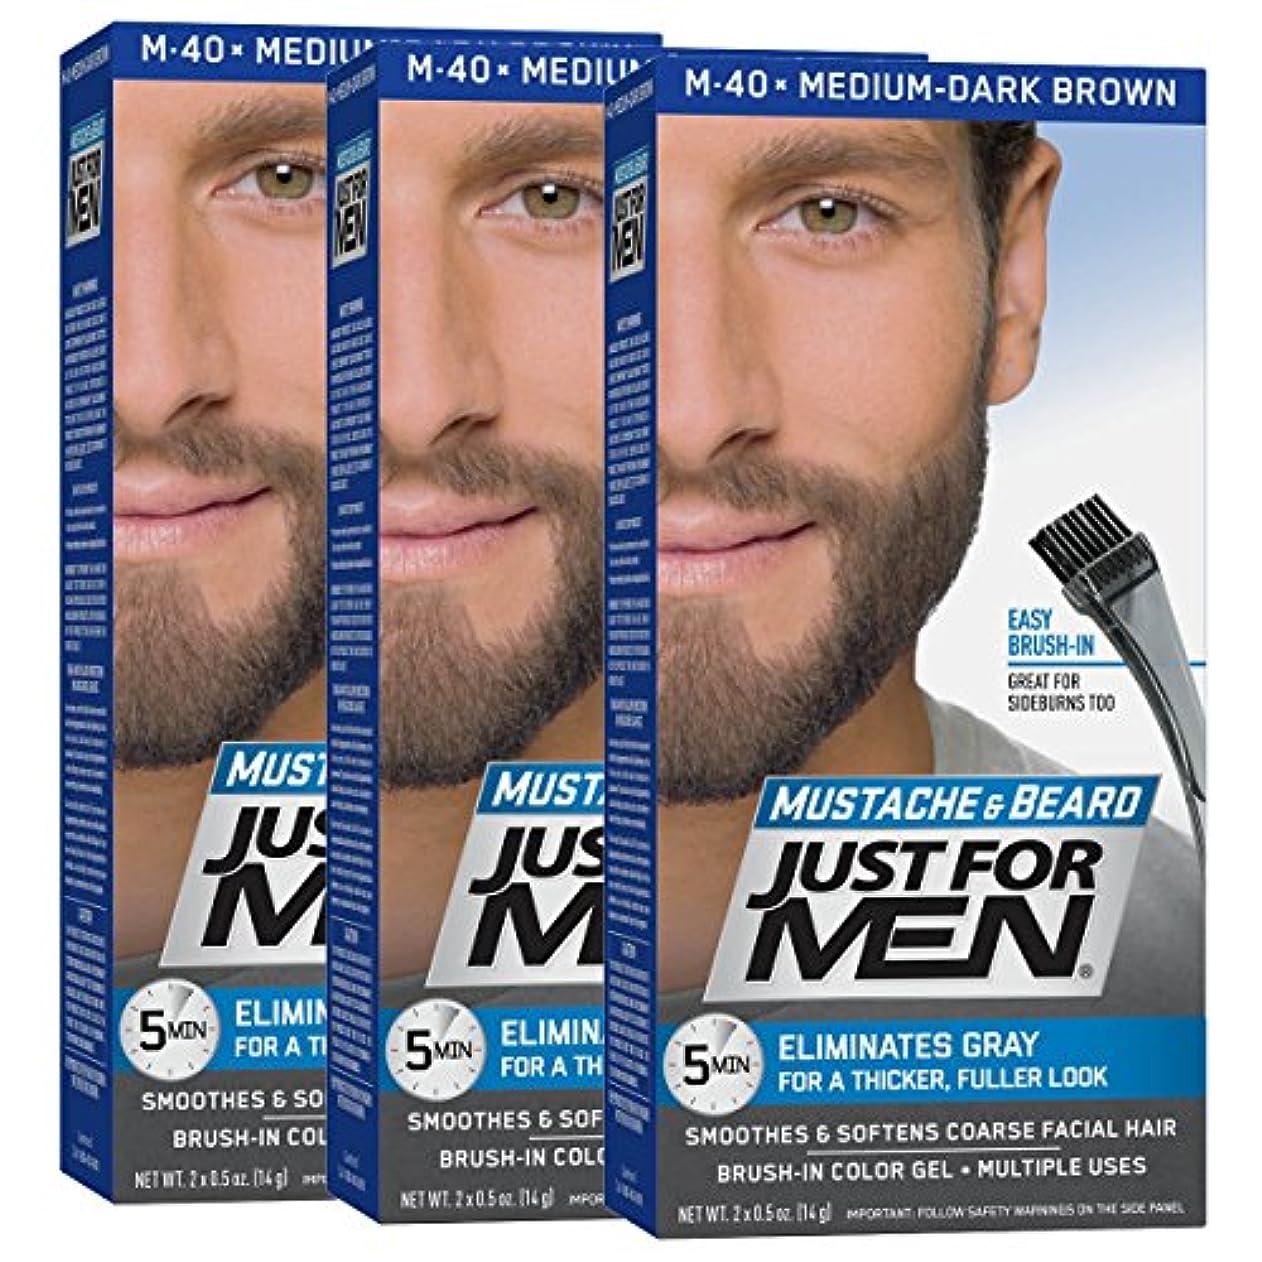 シリアルパーフェルビッド闘争Just for Men 口ひげ&髭ブラシ-のカラージェル、ミディアム?ダークブラウン(3パック、パッケージングは??変更になる場合があります) 3 05ミディアム、ダークブラウン